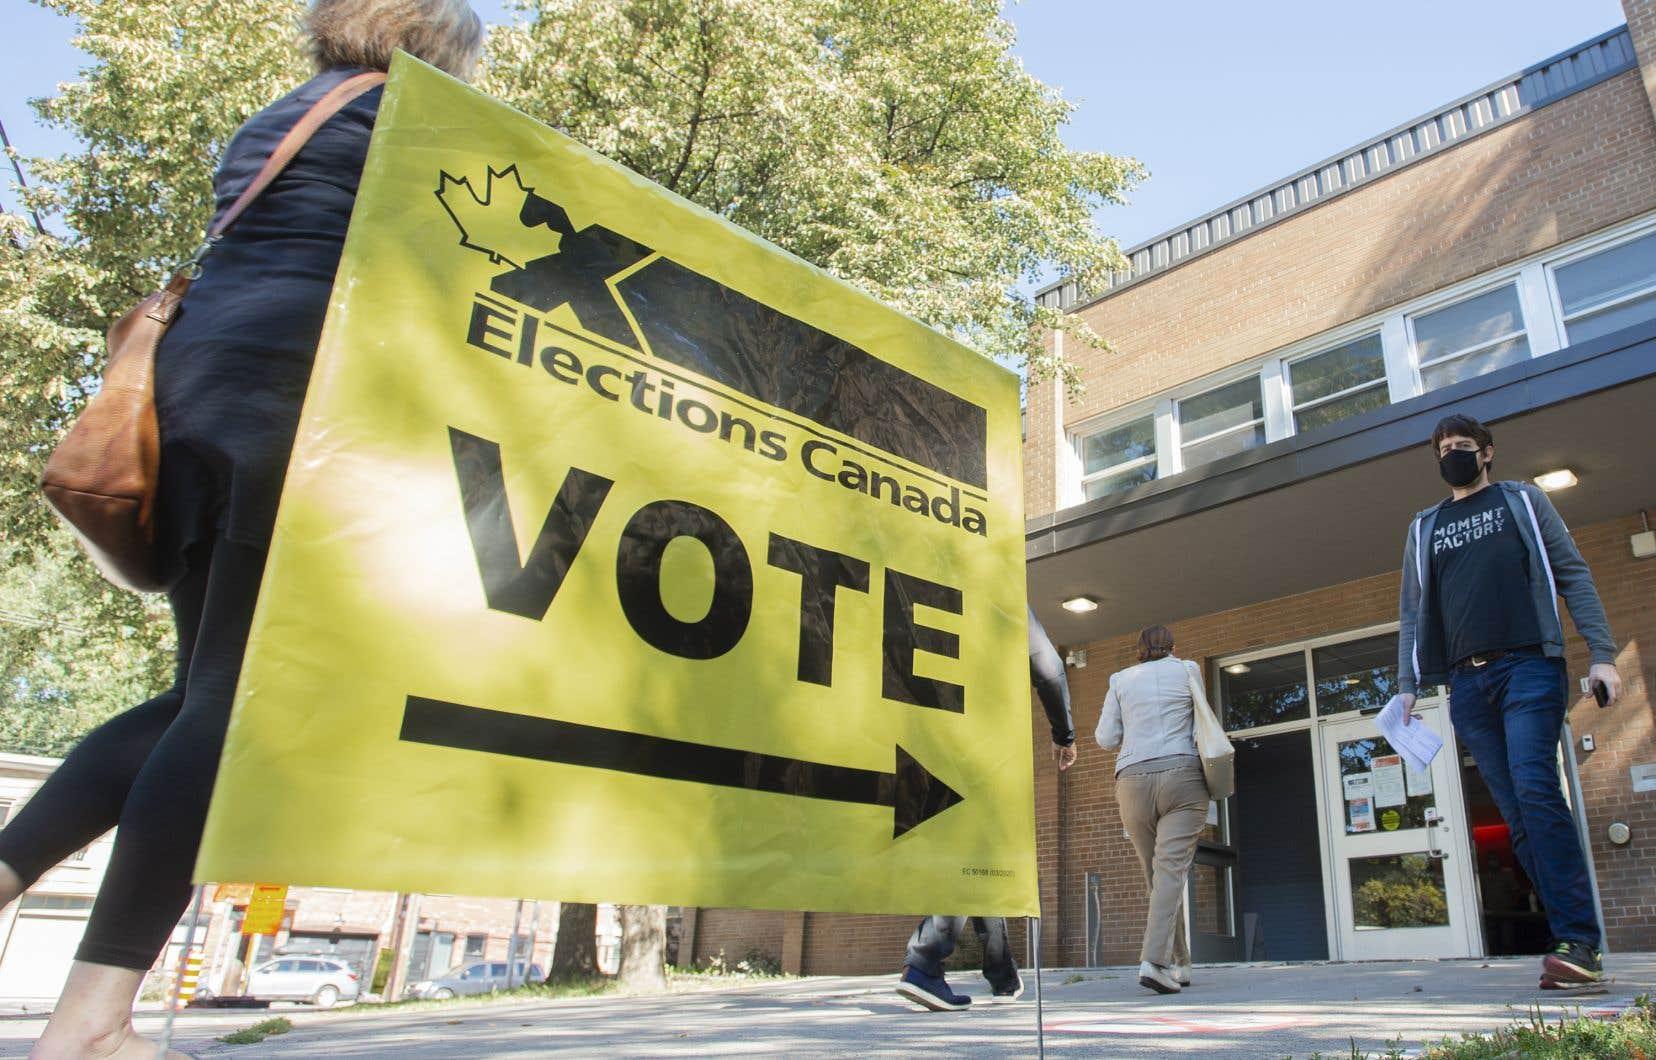 Près d'une vingtaine de circonscriptions à travers le pays ne connaissaient toujours pas l'issue du scrutin mardi matin.